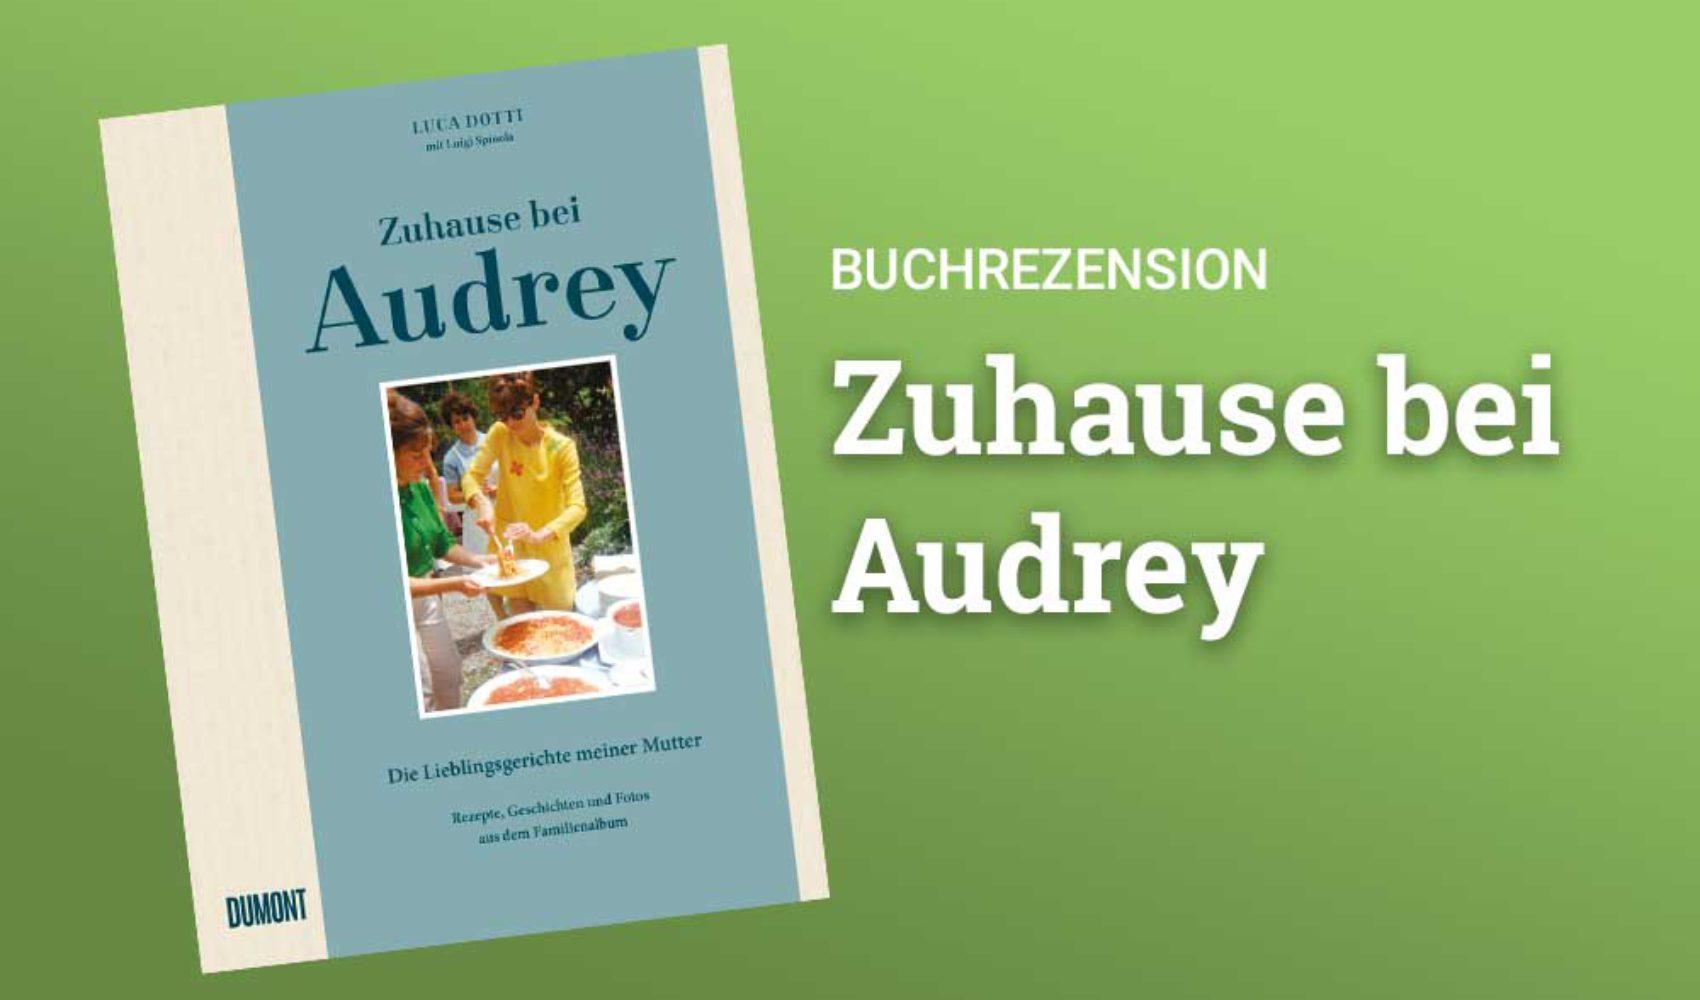 Buchrezension - Zuhause bei Audrey von Luca Dotti